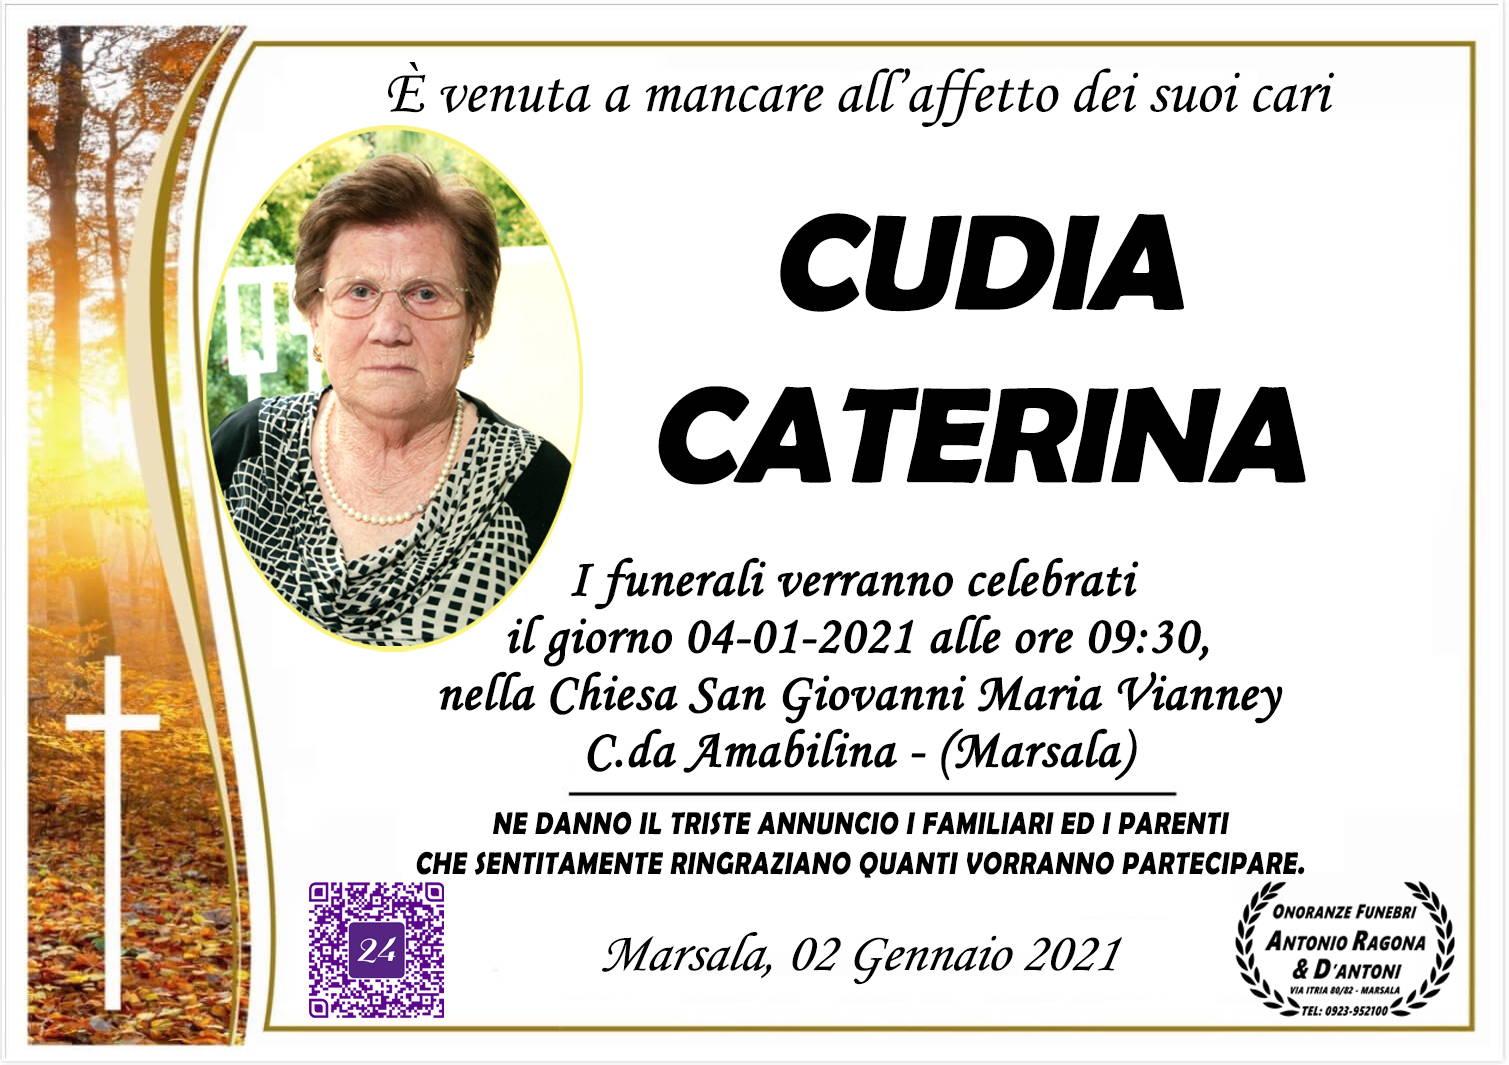 Caterina Cudia